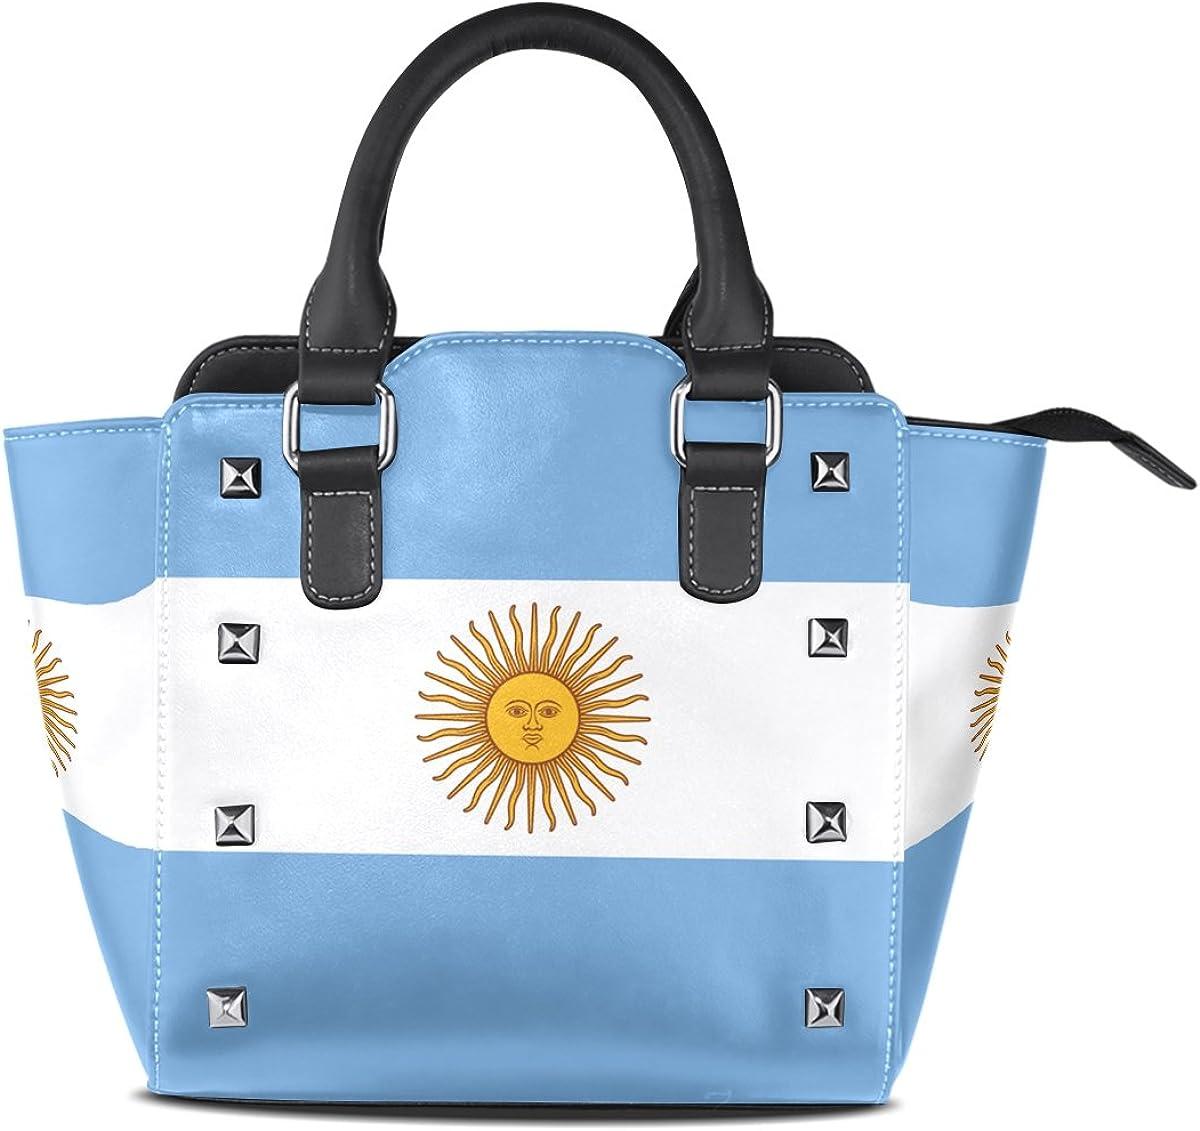 LIANCHENYI - Bolso bandolera de piel sintética con asa superior para mujer, diseño de bandera de Argentina